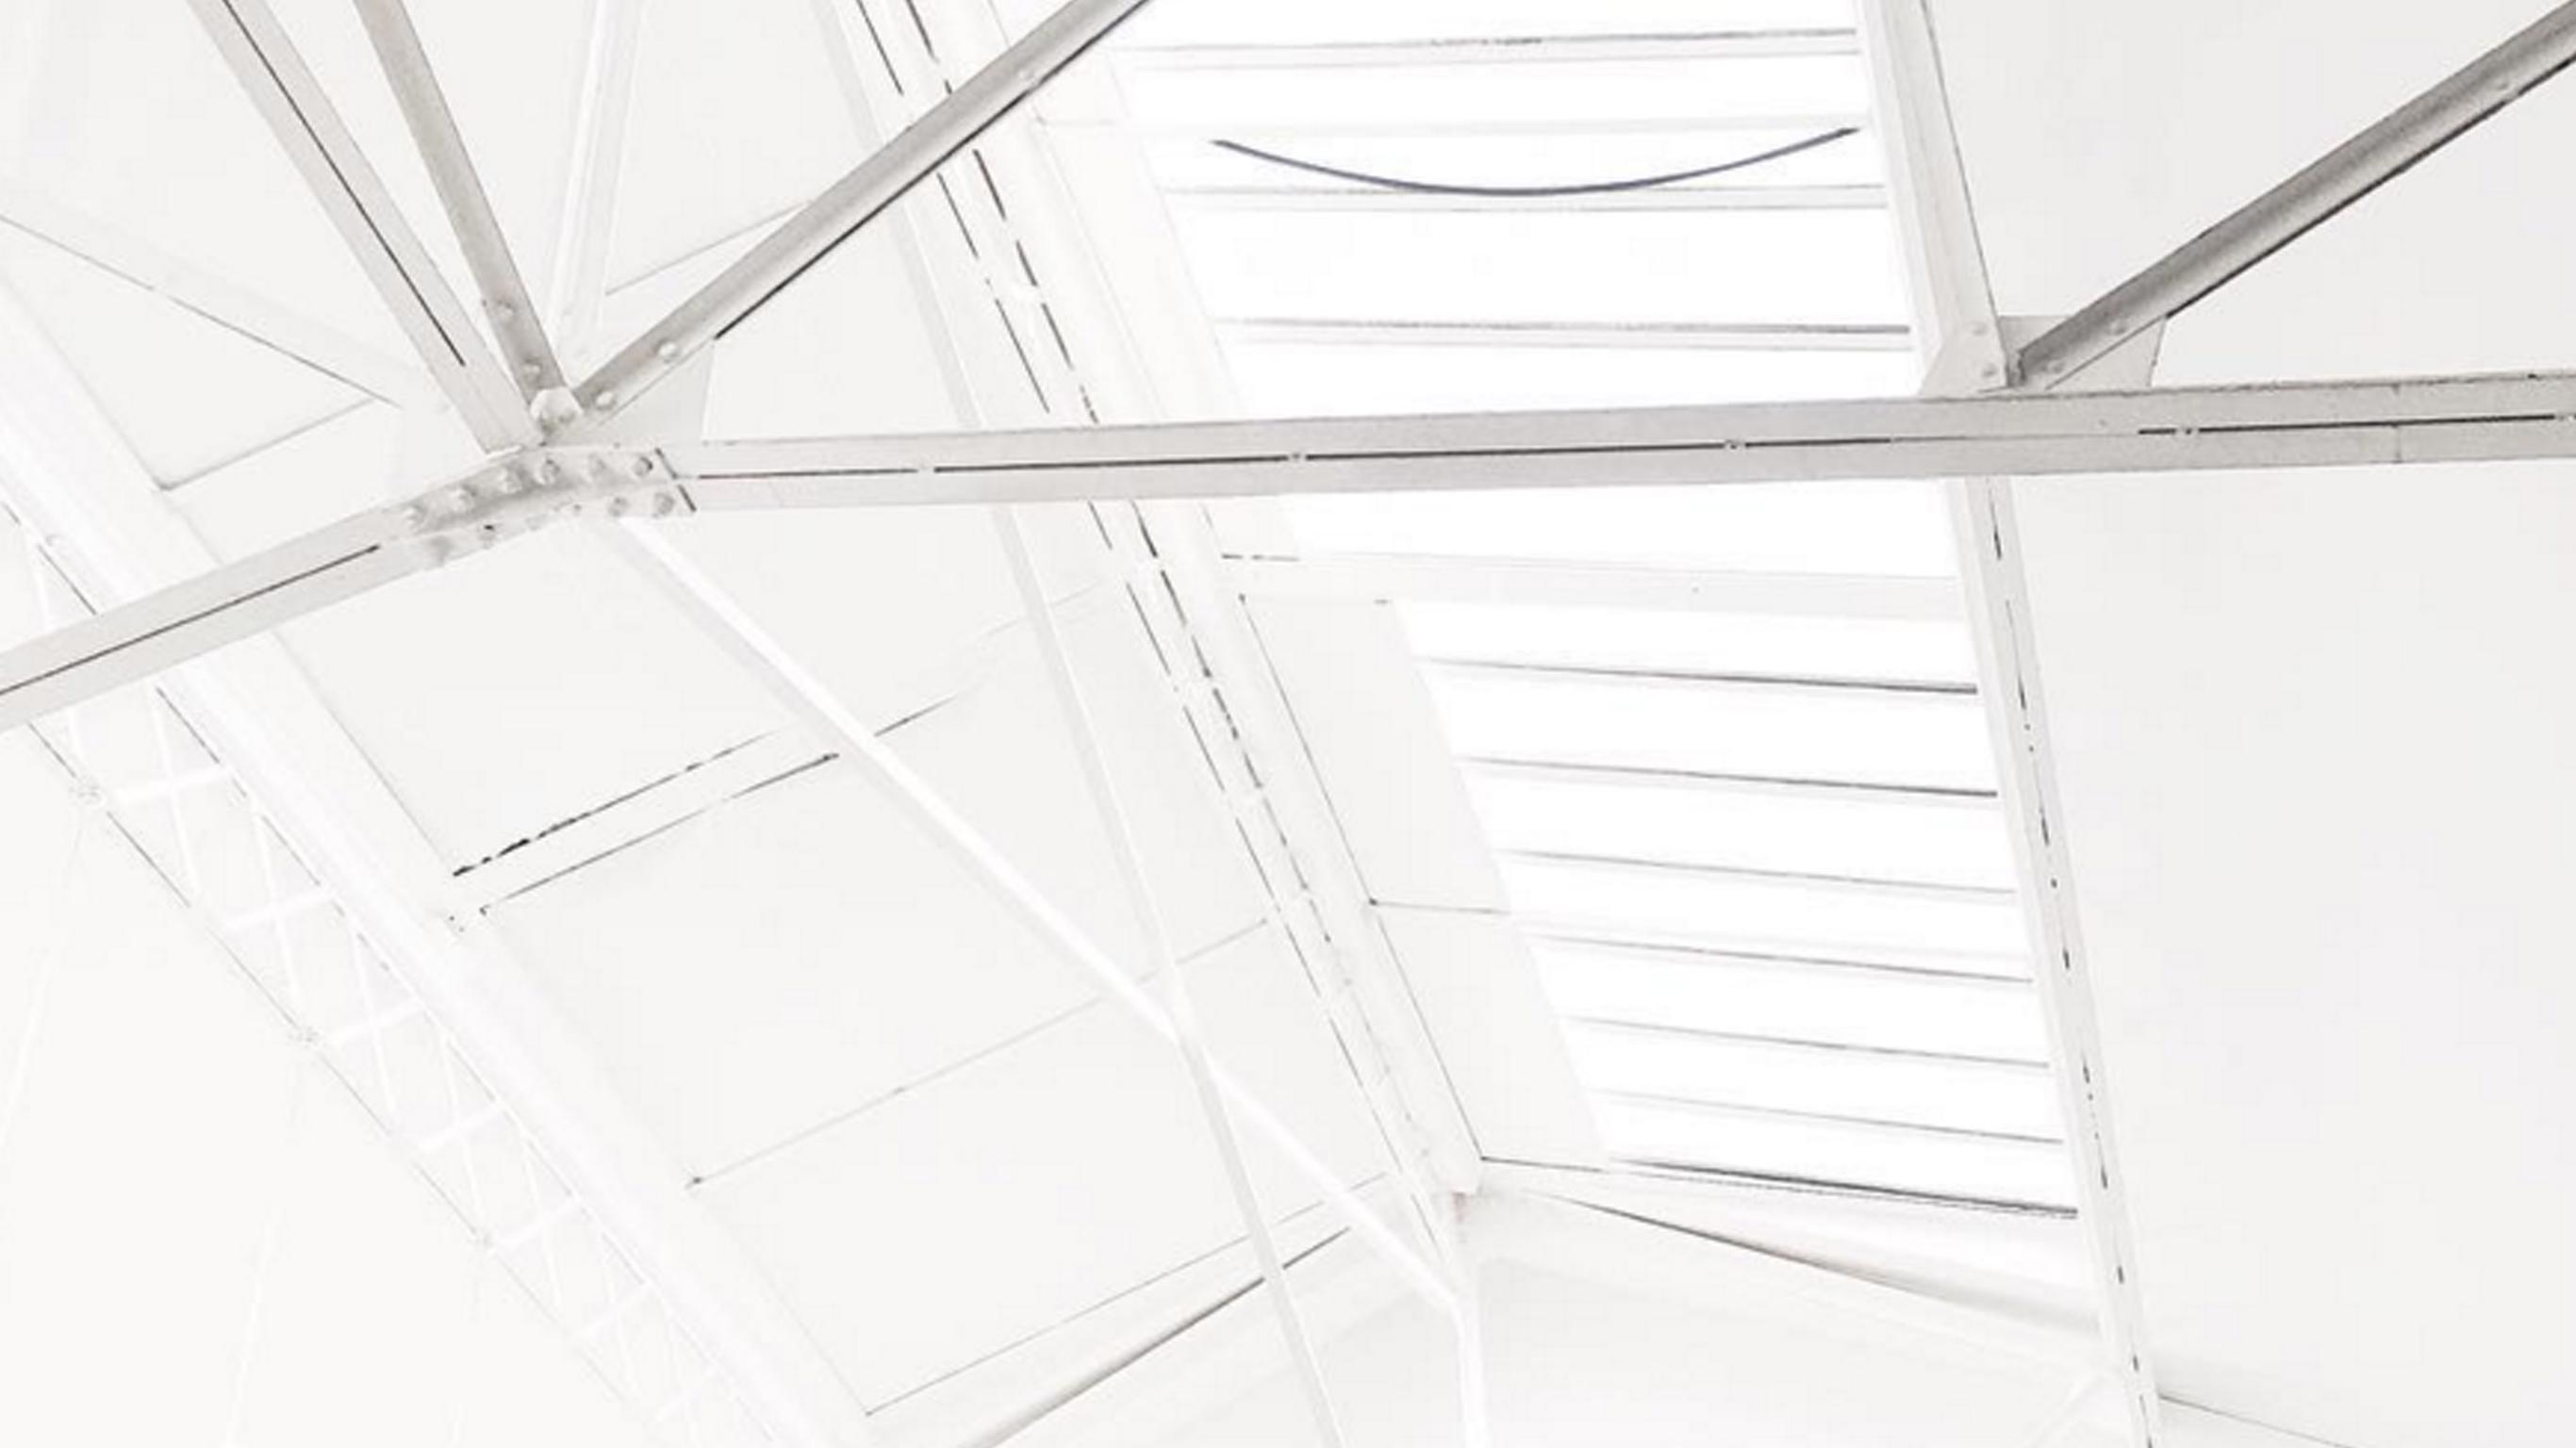 Balnccoco Photographe - Stylisme Blanc